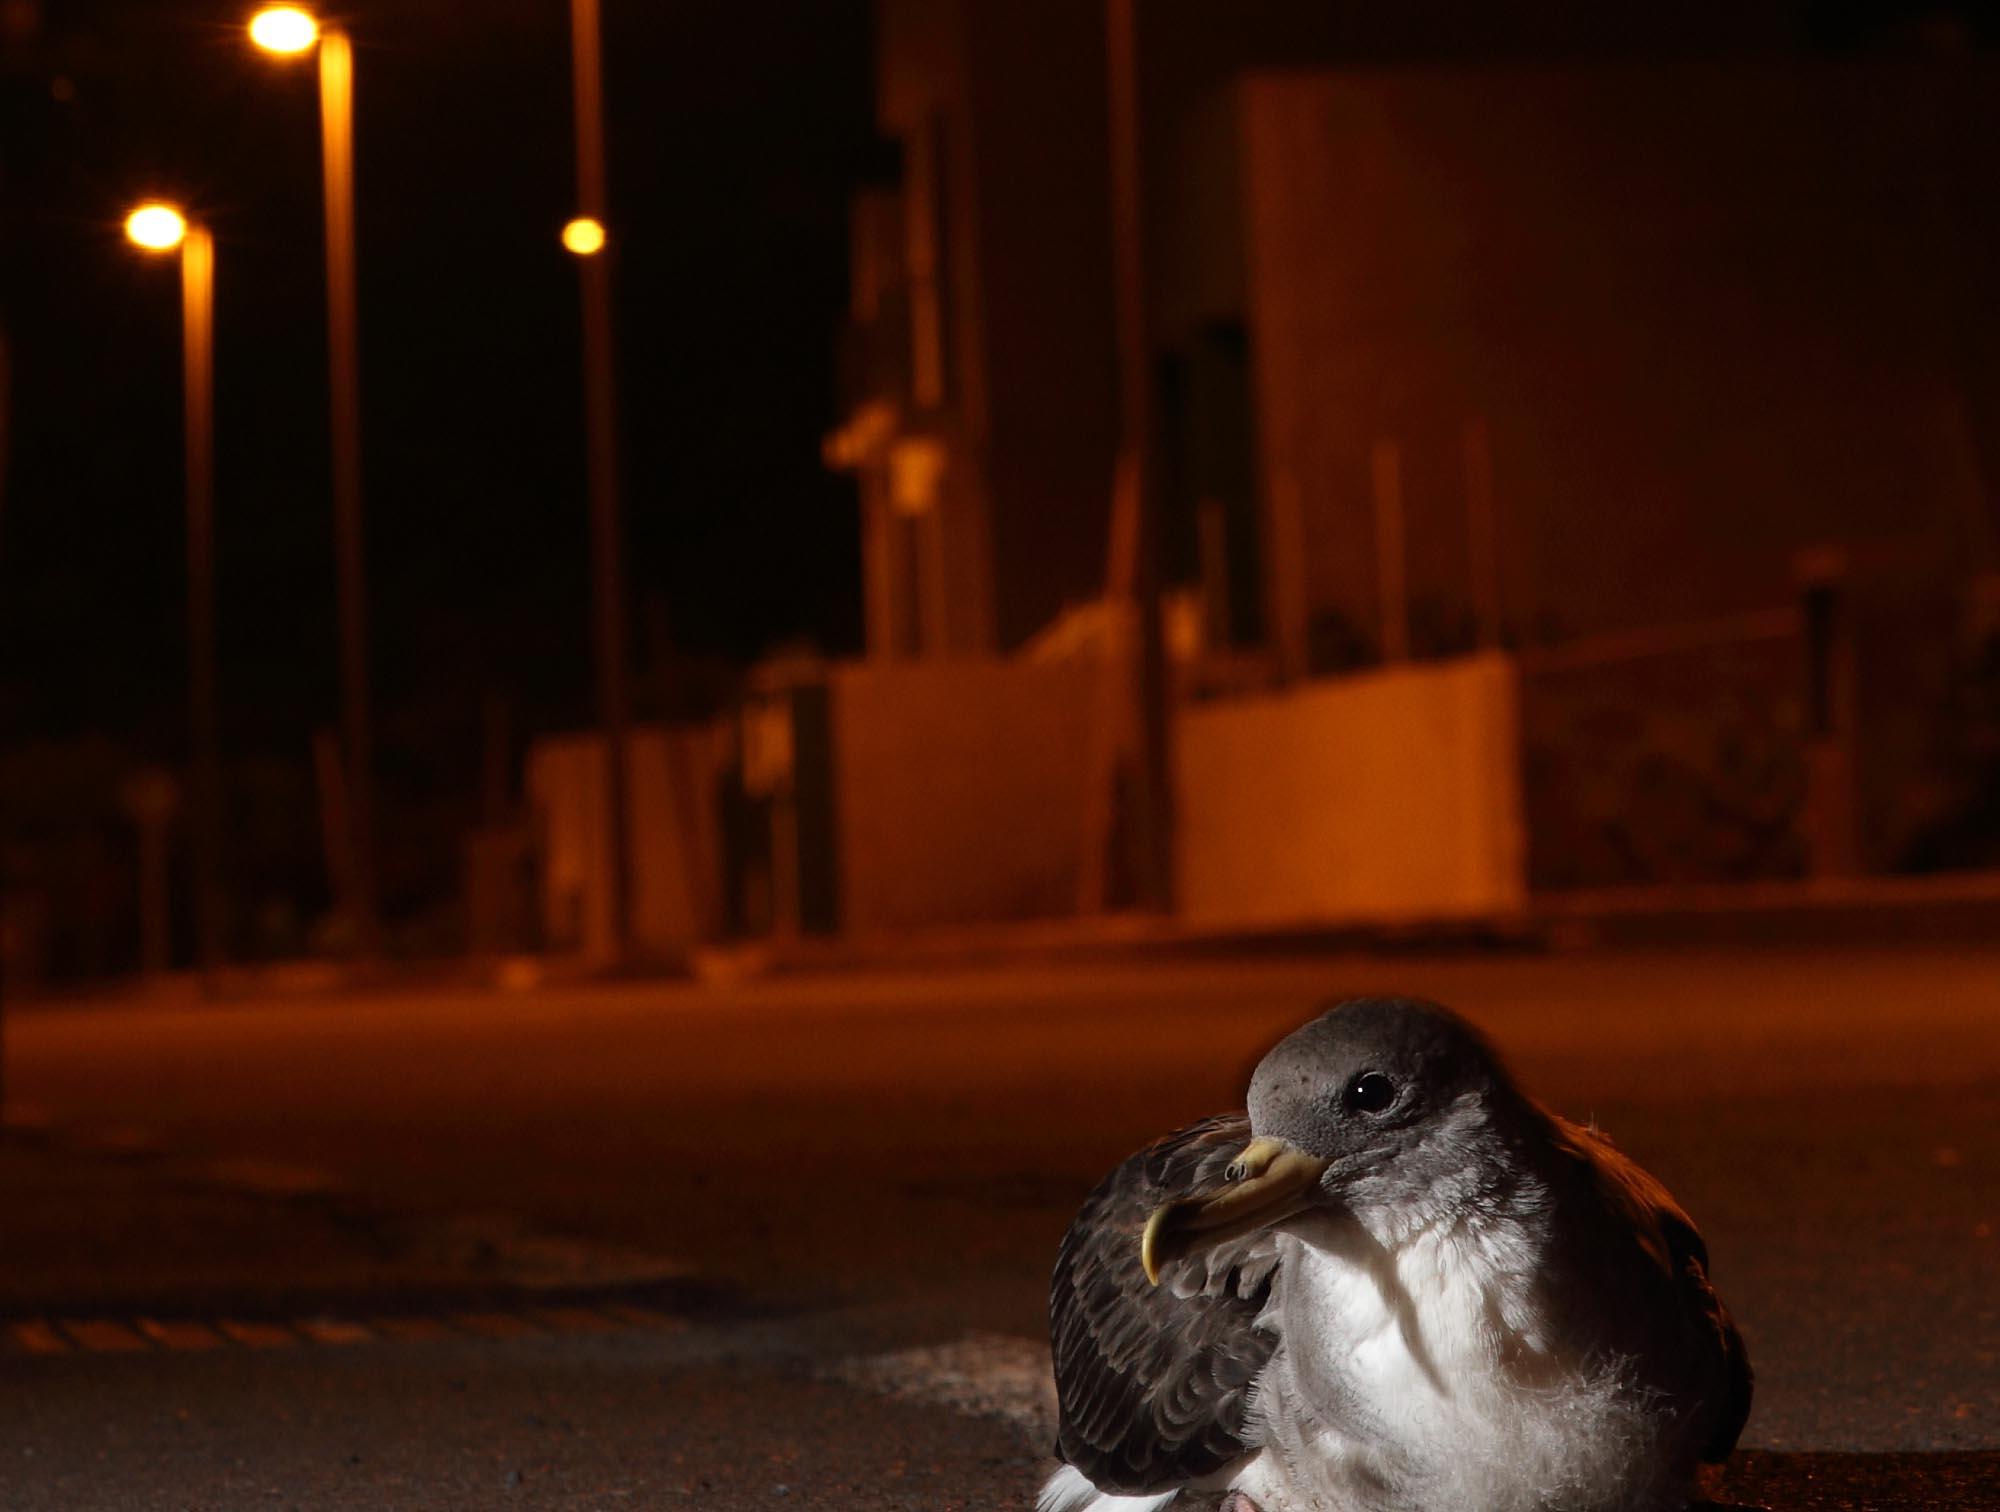 Contaminación lumínica y acústica afecta a la vida silvestre.